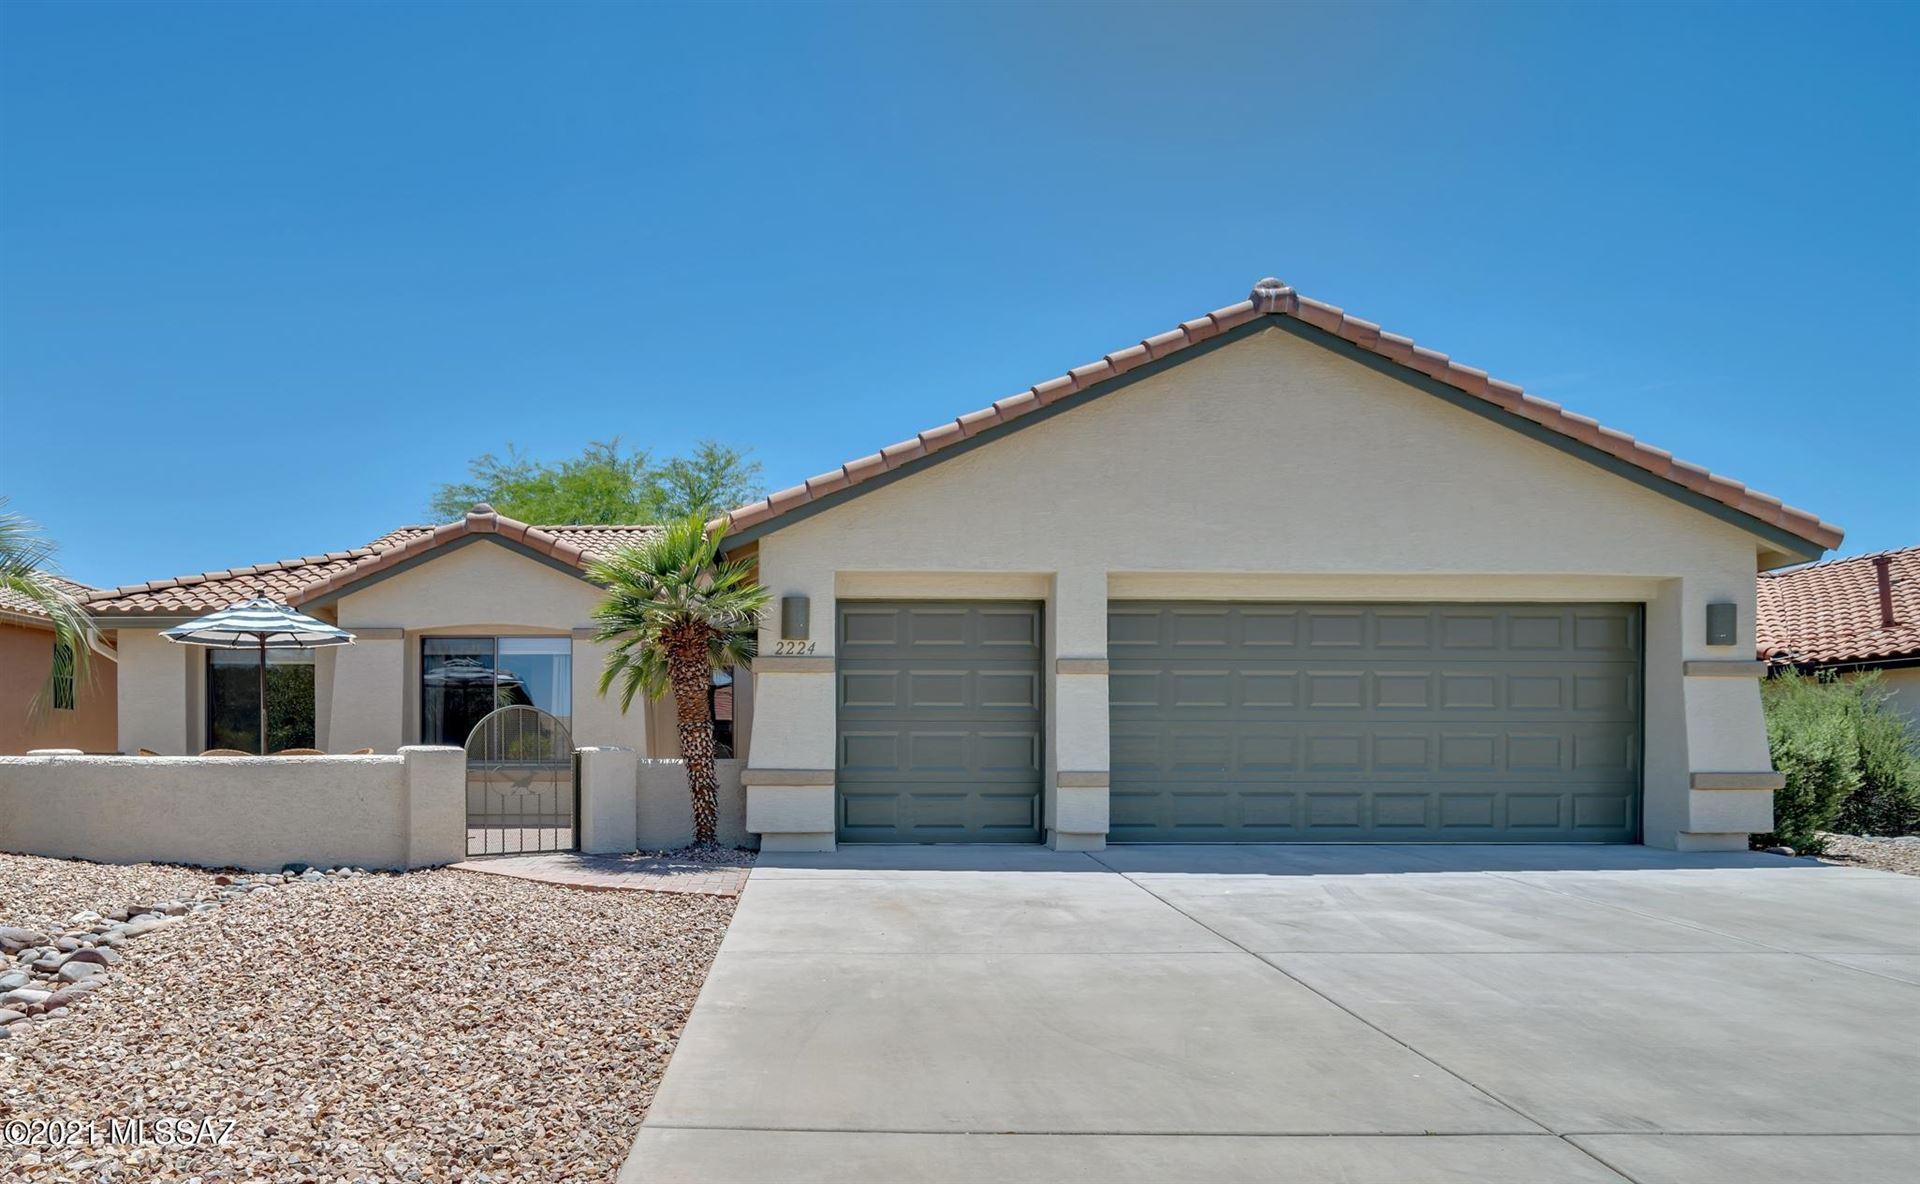 2224 E Falcon Vista Drive, Green Valley, AZ 85614 - MLS#: 22113780